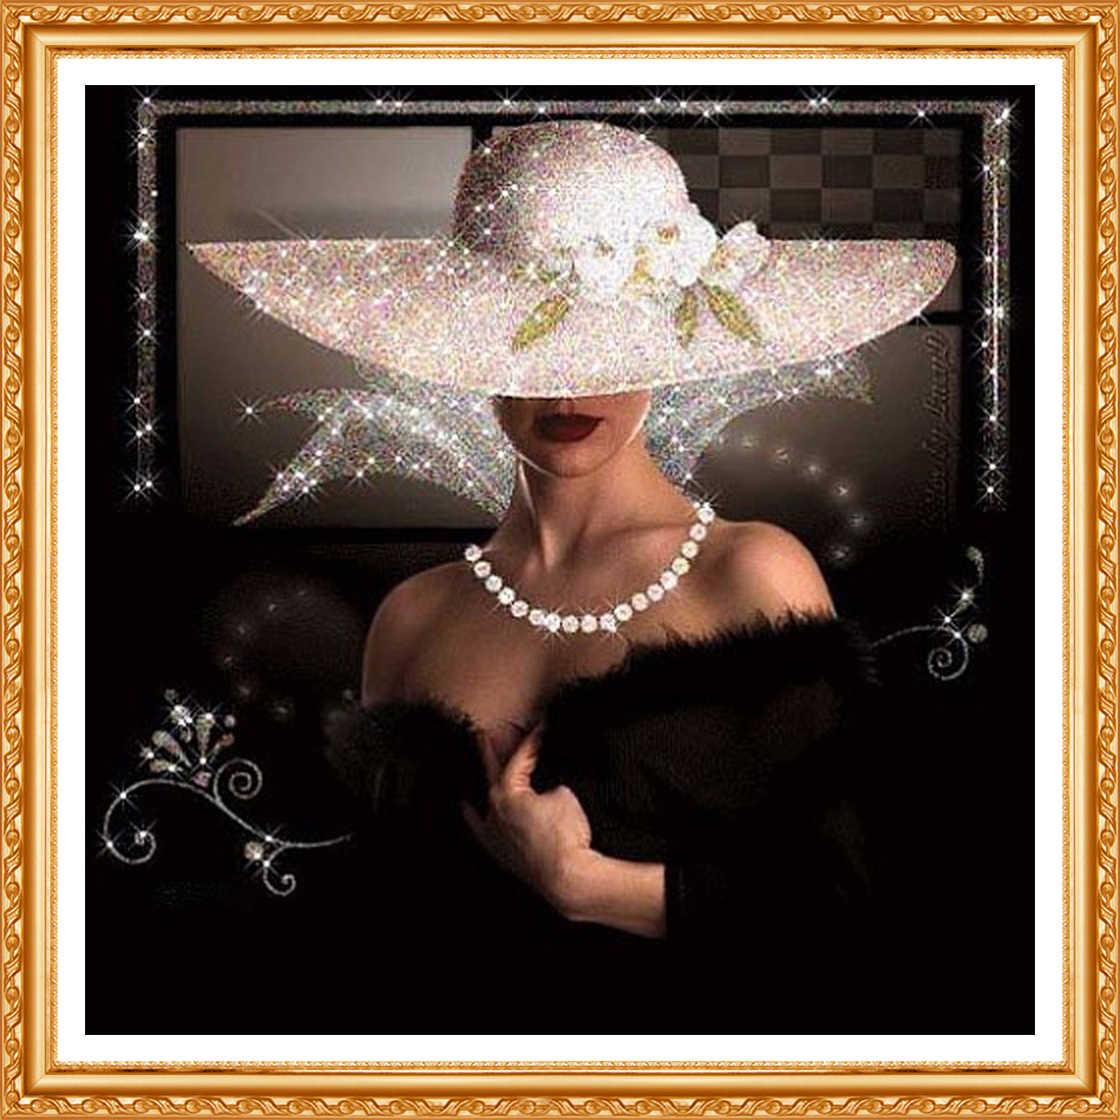 Diamantภาพวาดภาพวาดเพชรเต็มรูปแบบเพชรเย็บปักถักร้อยคนเพชรรอบDaimondภาพวาด 639DD 5d Diy